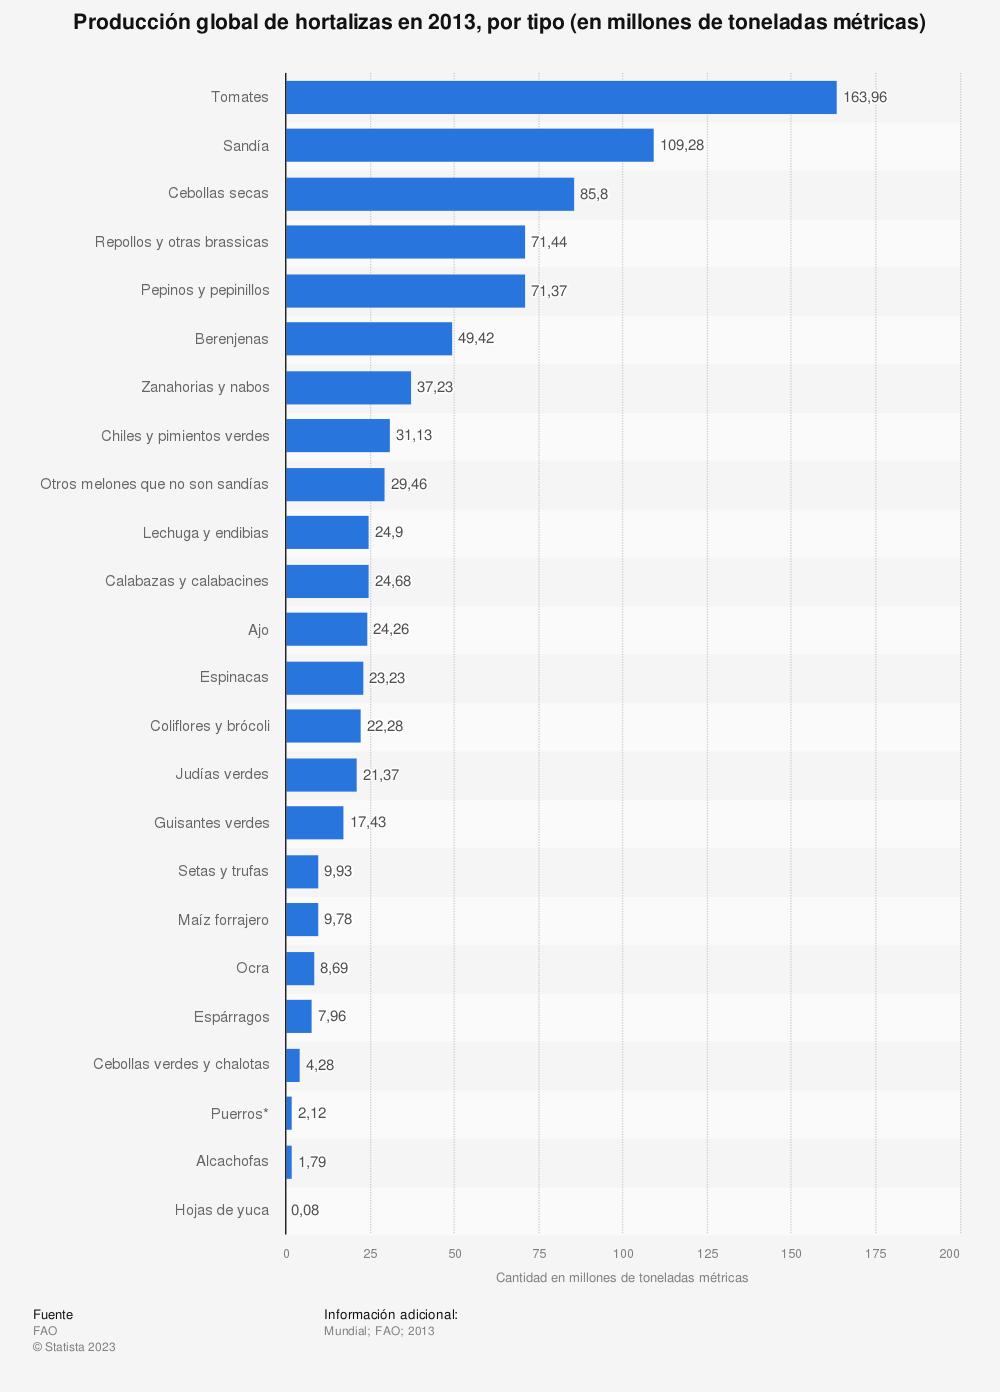 Estadística: Producción global de hortalizas en 2013, por tipo (en millones de toneladas métricas) | Statista